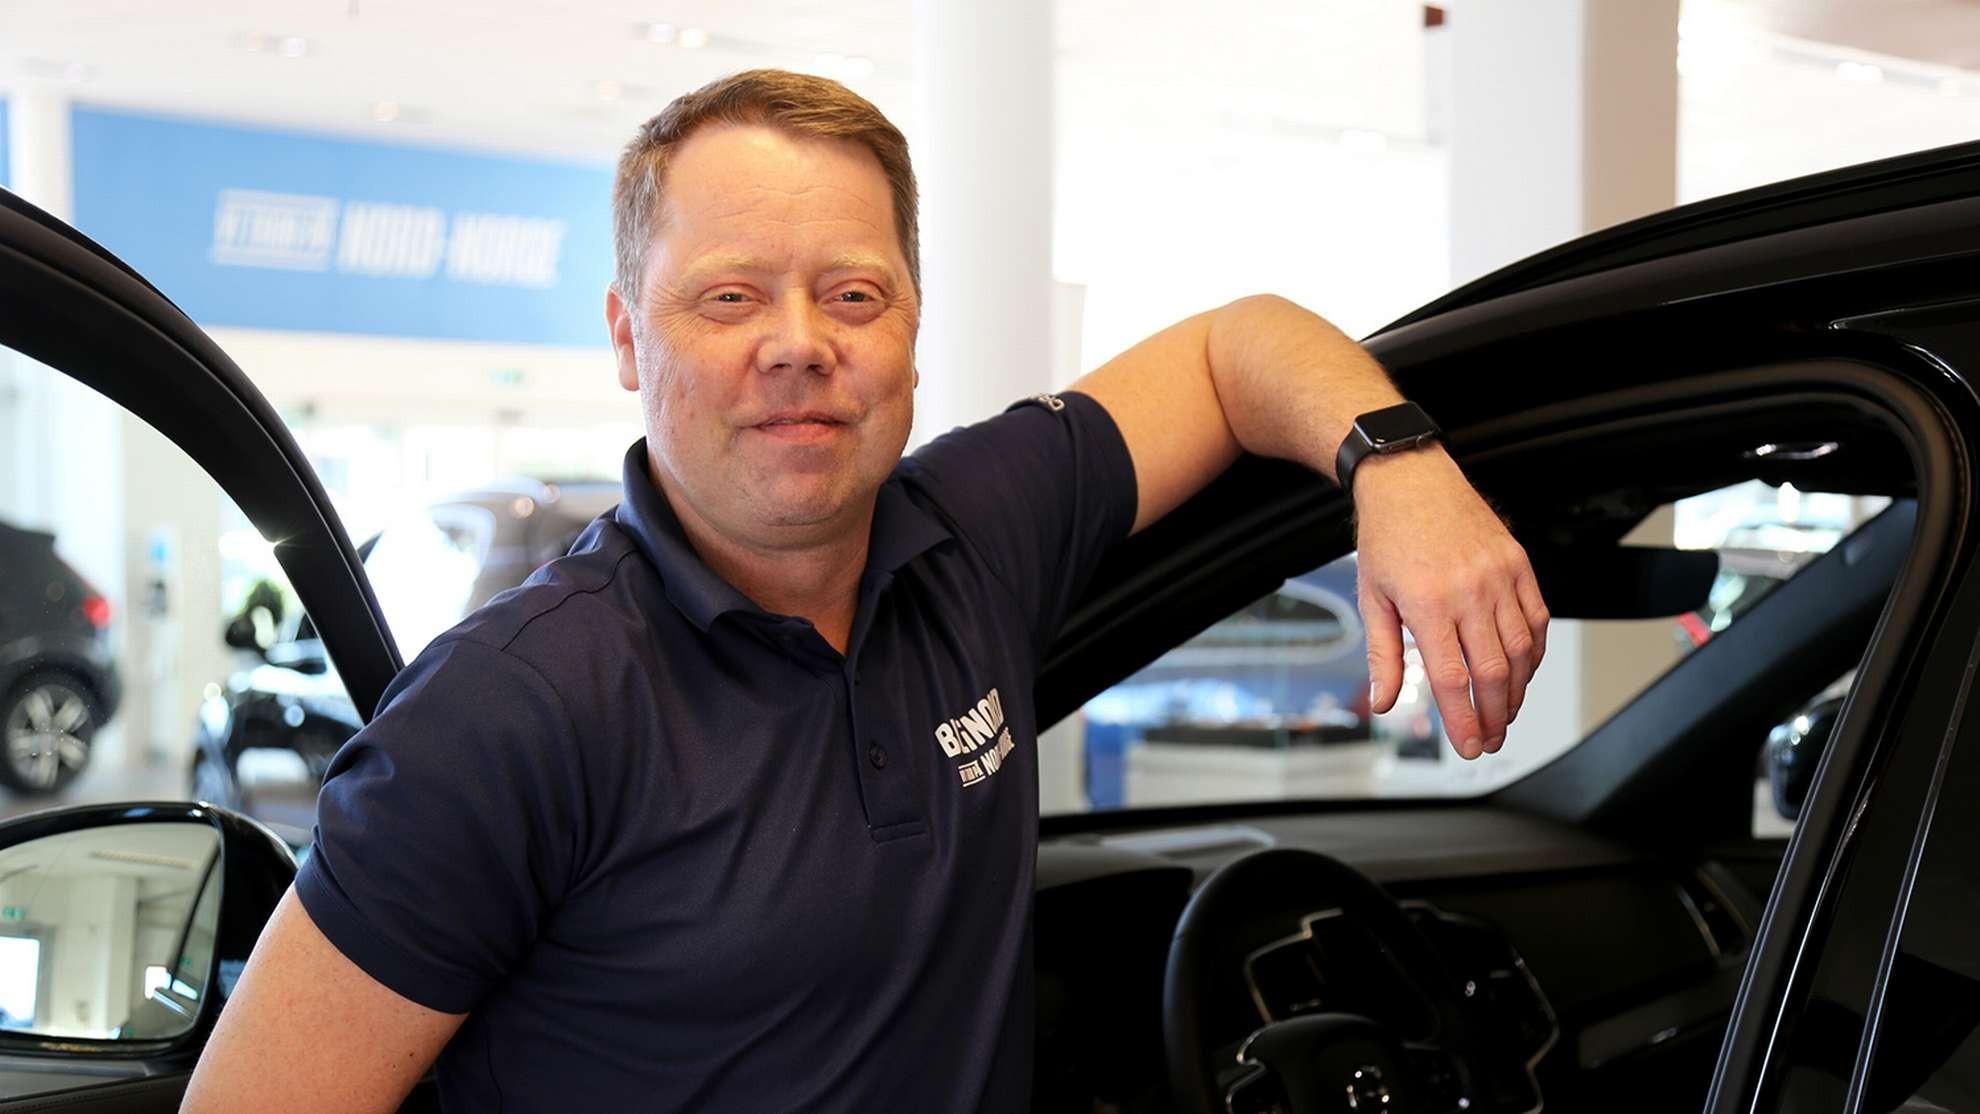 De fleste Volvo-kjøpere ønsker at bilen har mye av den mest moderne sikkerhetsteknologien som finnes på markedet, sier selger Tom Erik B. Hagen hos Bil i Nord Harstad.